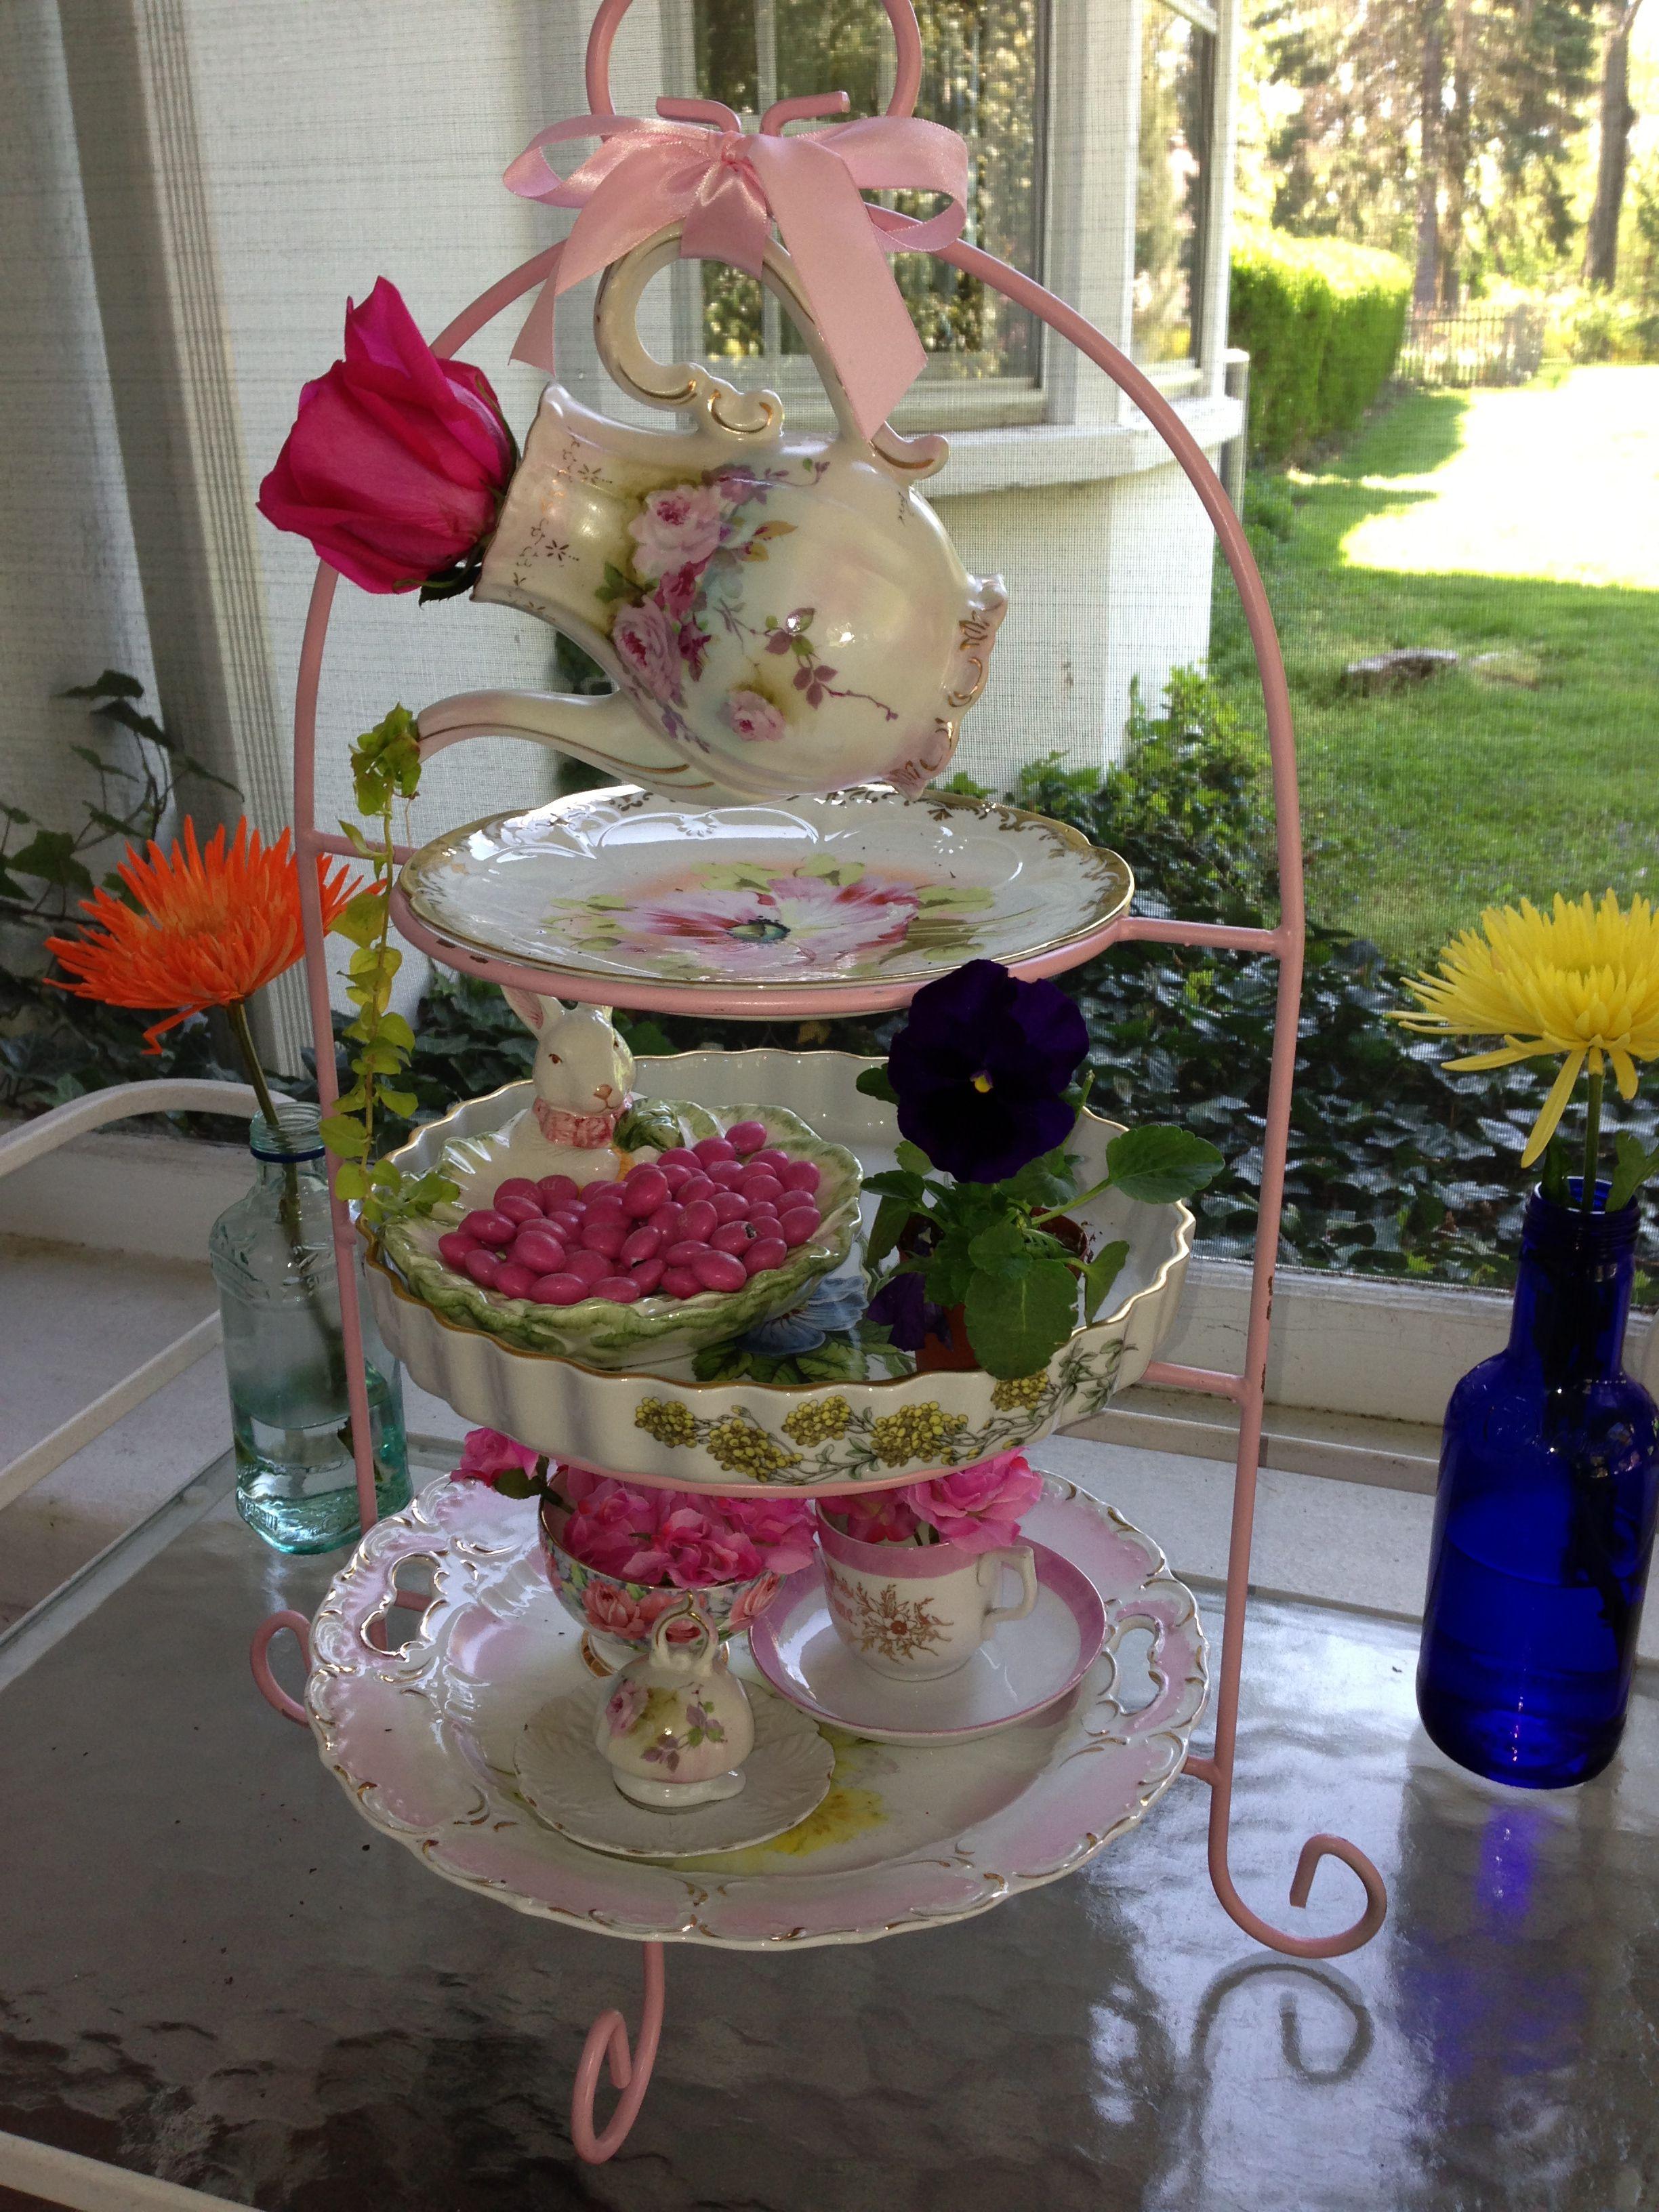 Tea party bridal shower decorations parties pinterest for Tea party decoration ideas